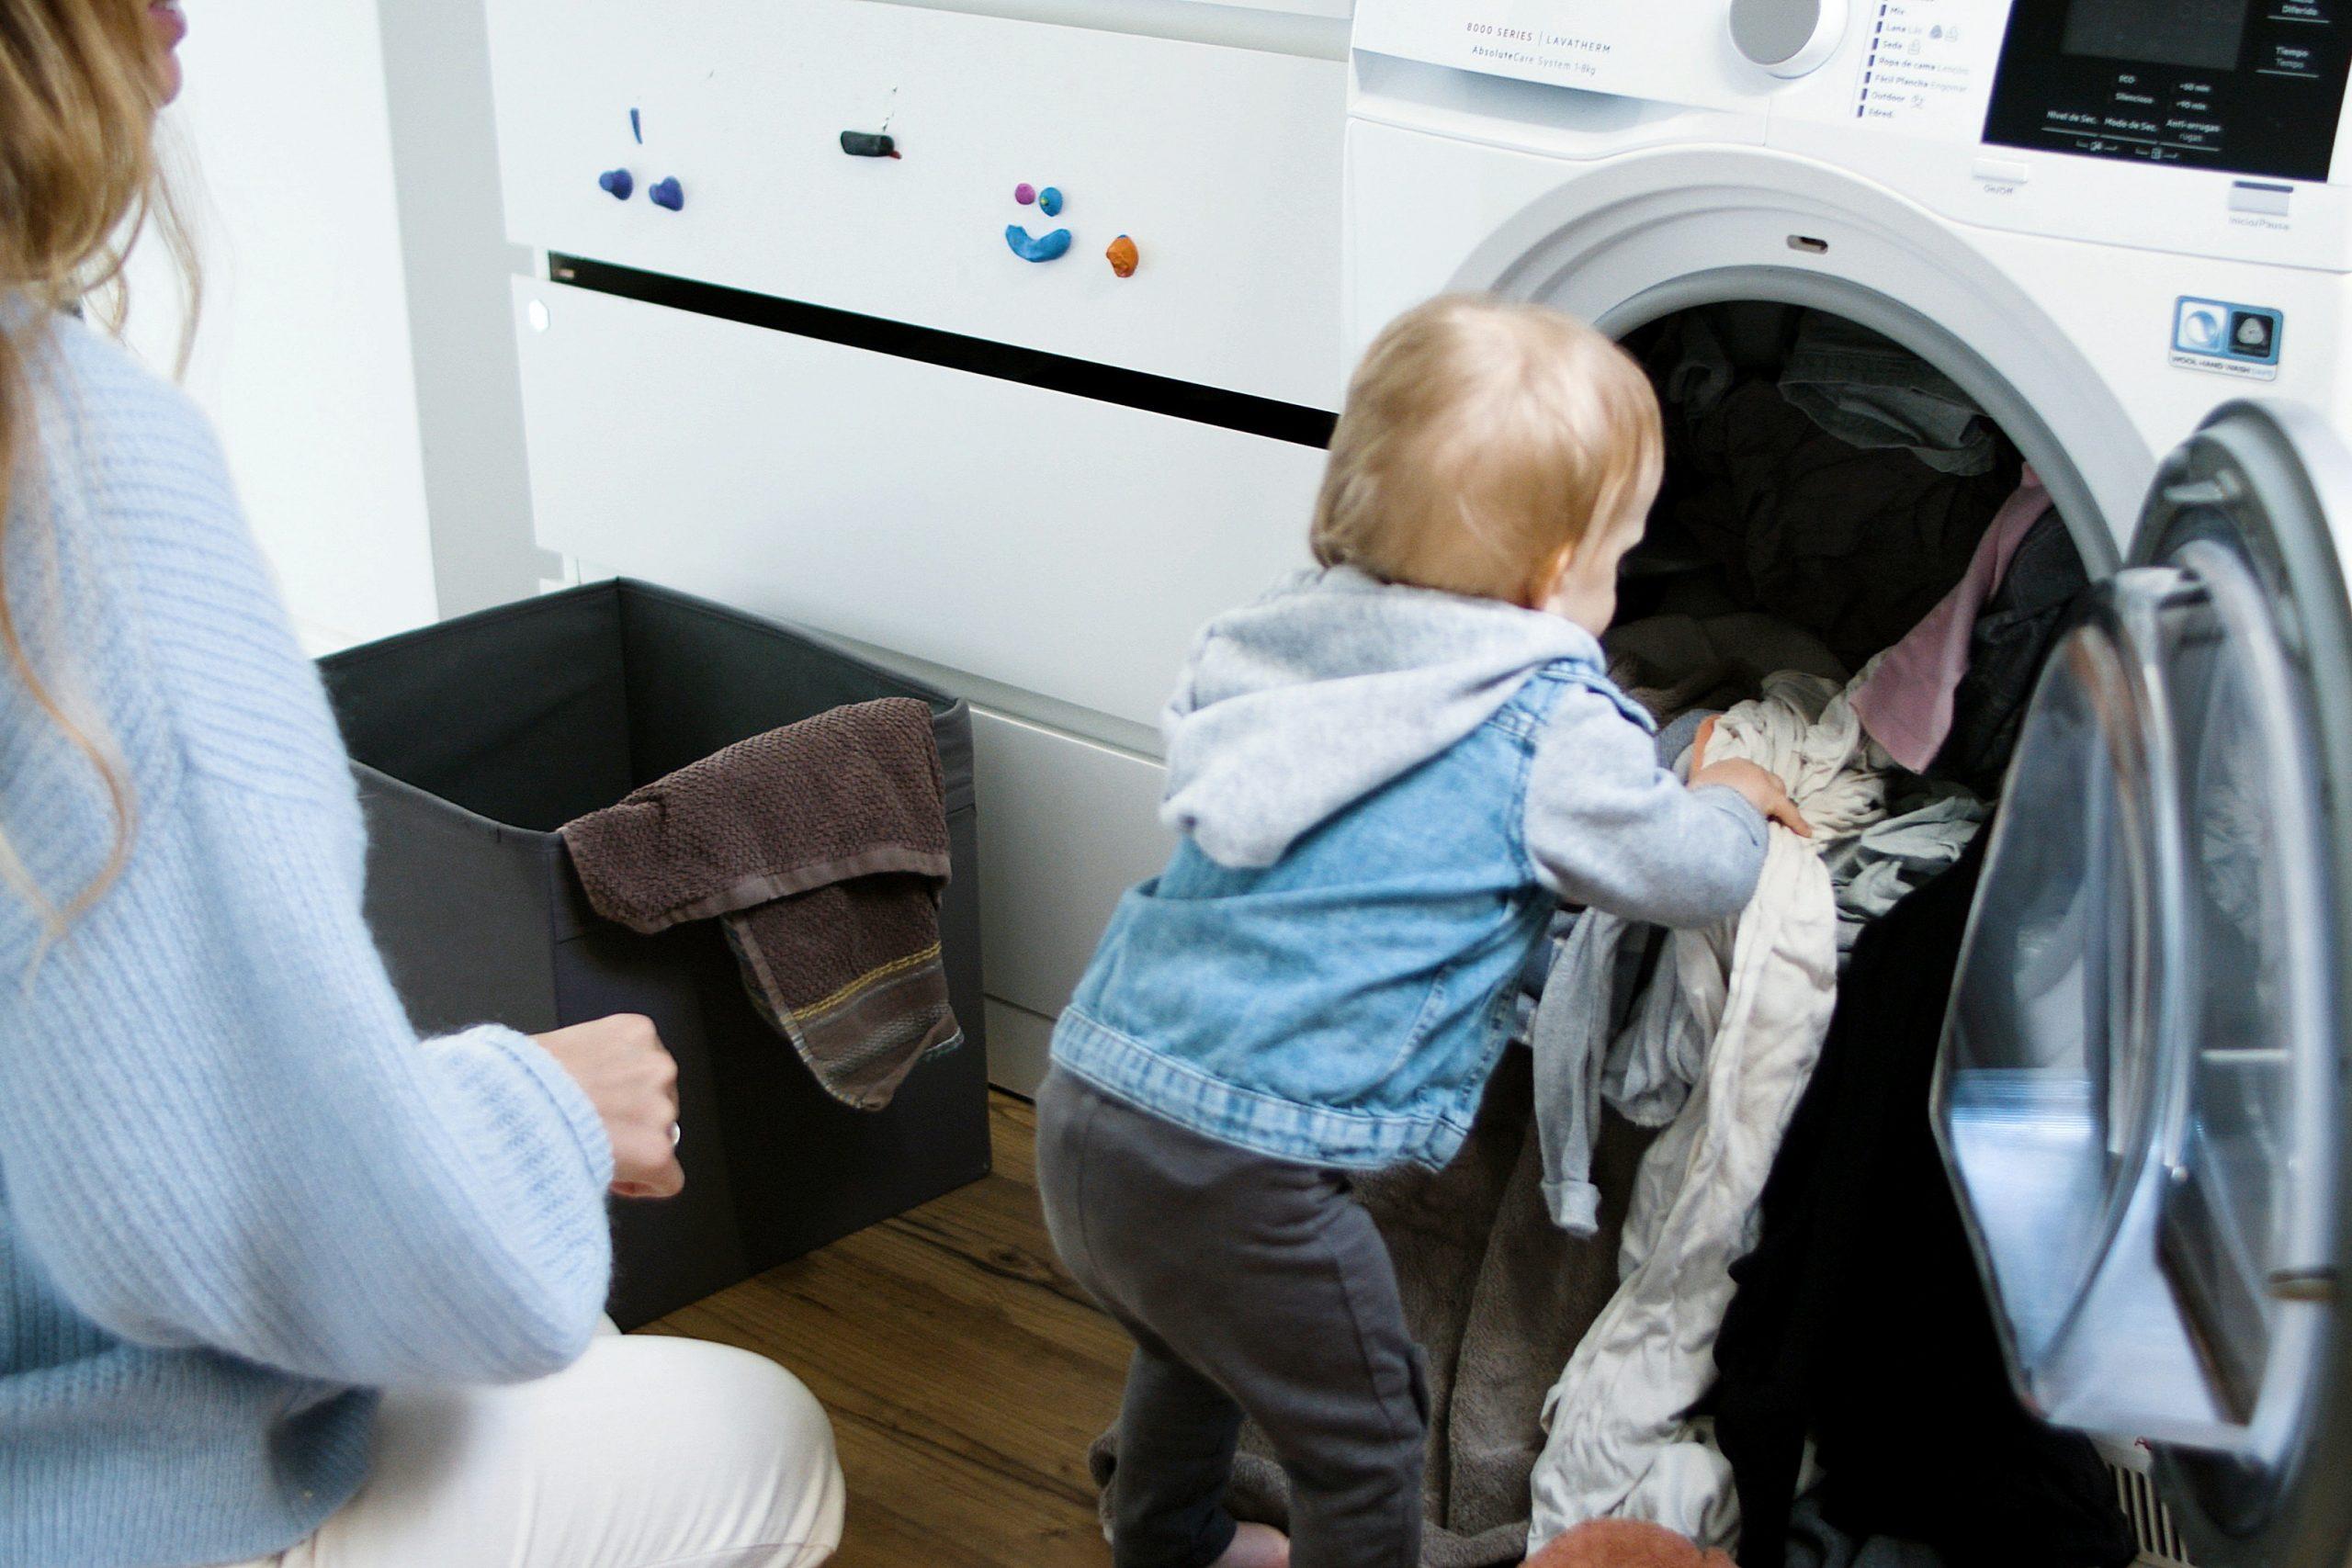 Menino pequeno colocando roupas na máquina de lavar com a mãe ao lado